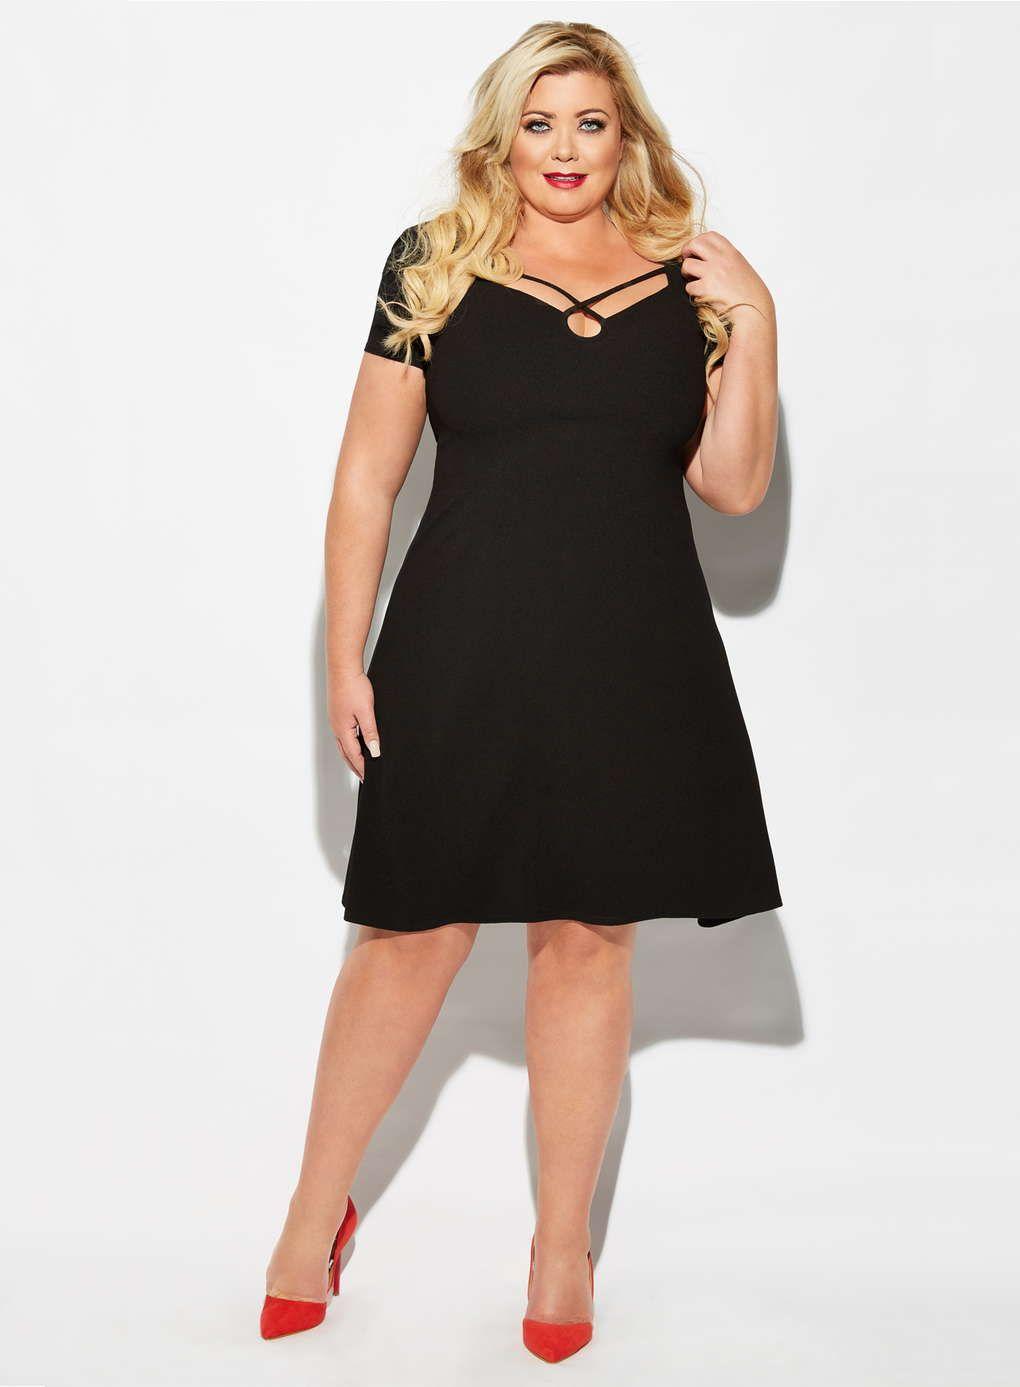 Gemma Collins Mexico Dress - Evans  6c146560c714